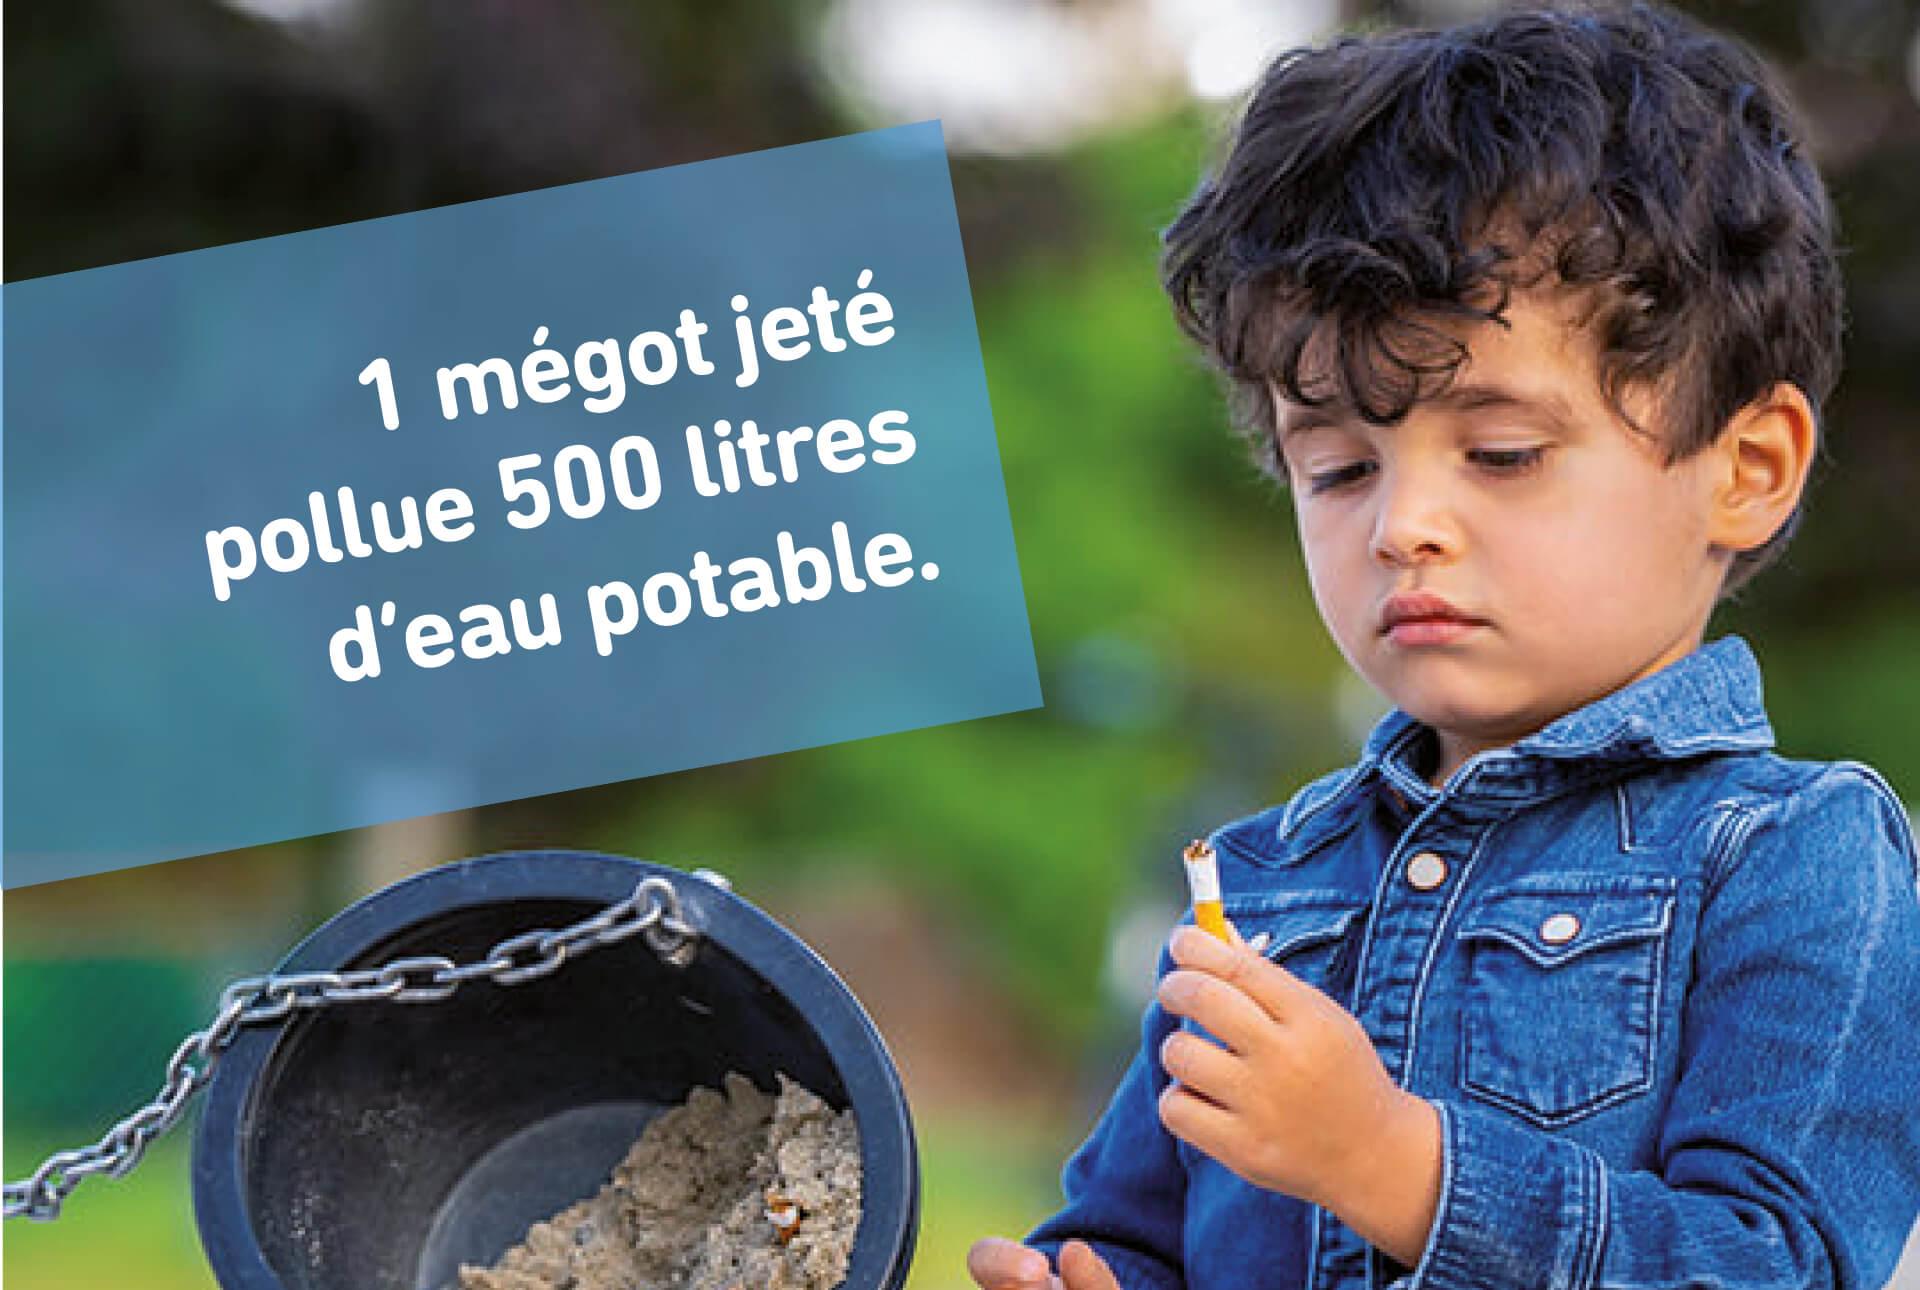 Campagne anti-littering de la ville de Luxeembourg : impact écologique d'un mégot jeté au sol